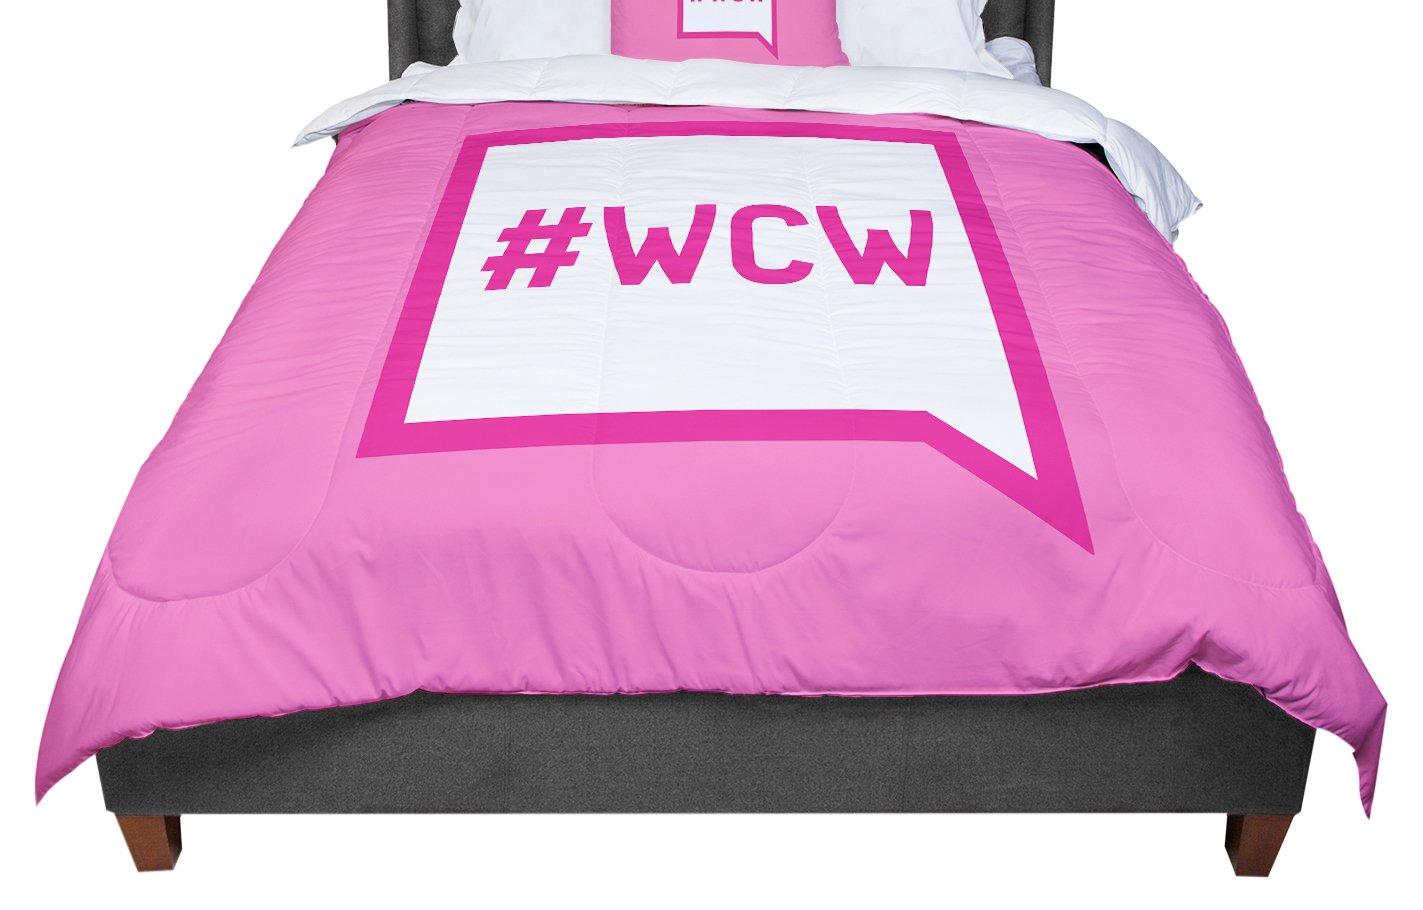 KESS InHouse KESS Original Women Crush Wednesday Pink White Twin Comforter 68 X 88